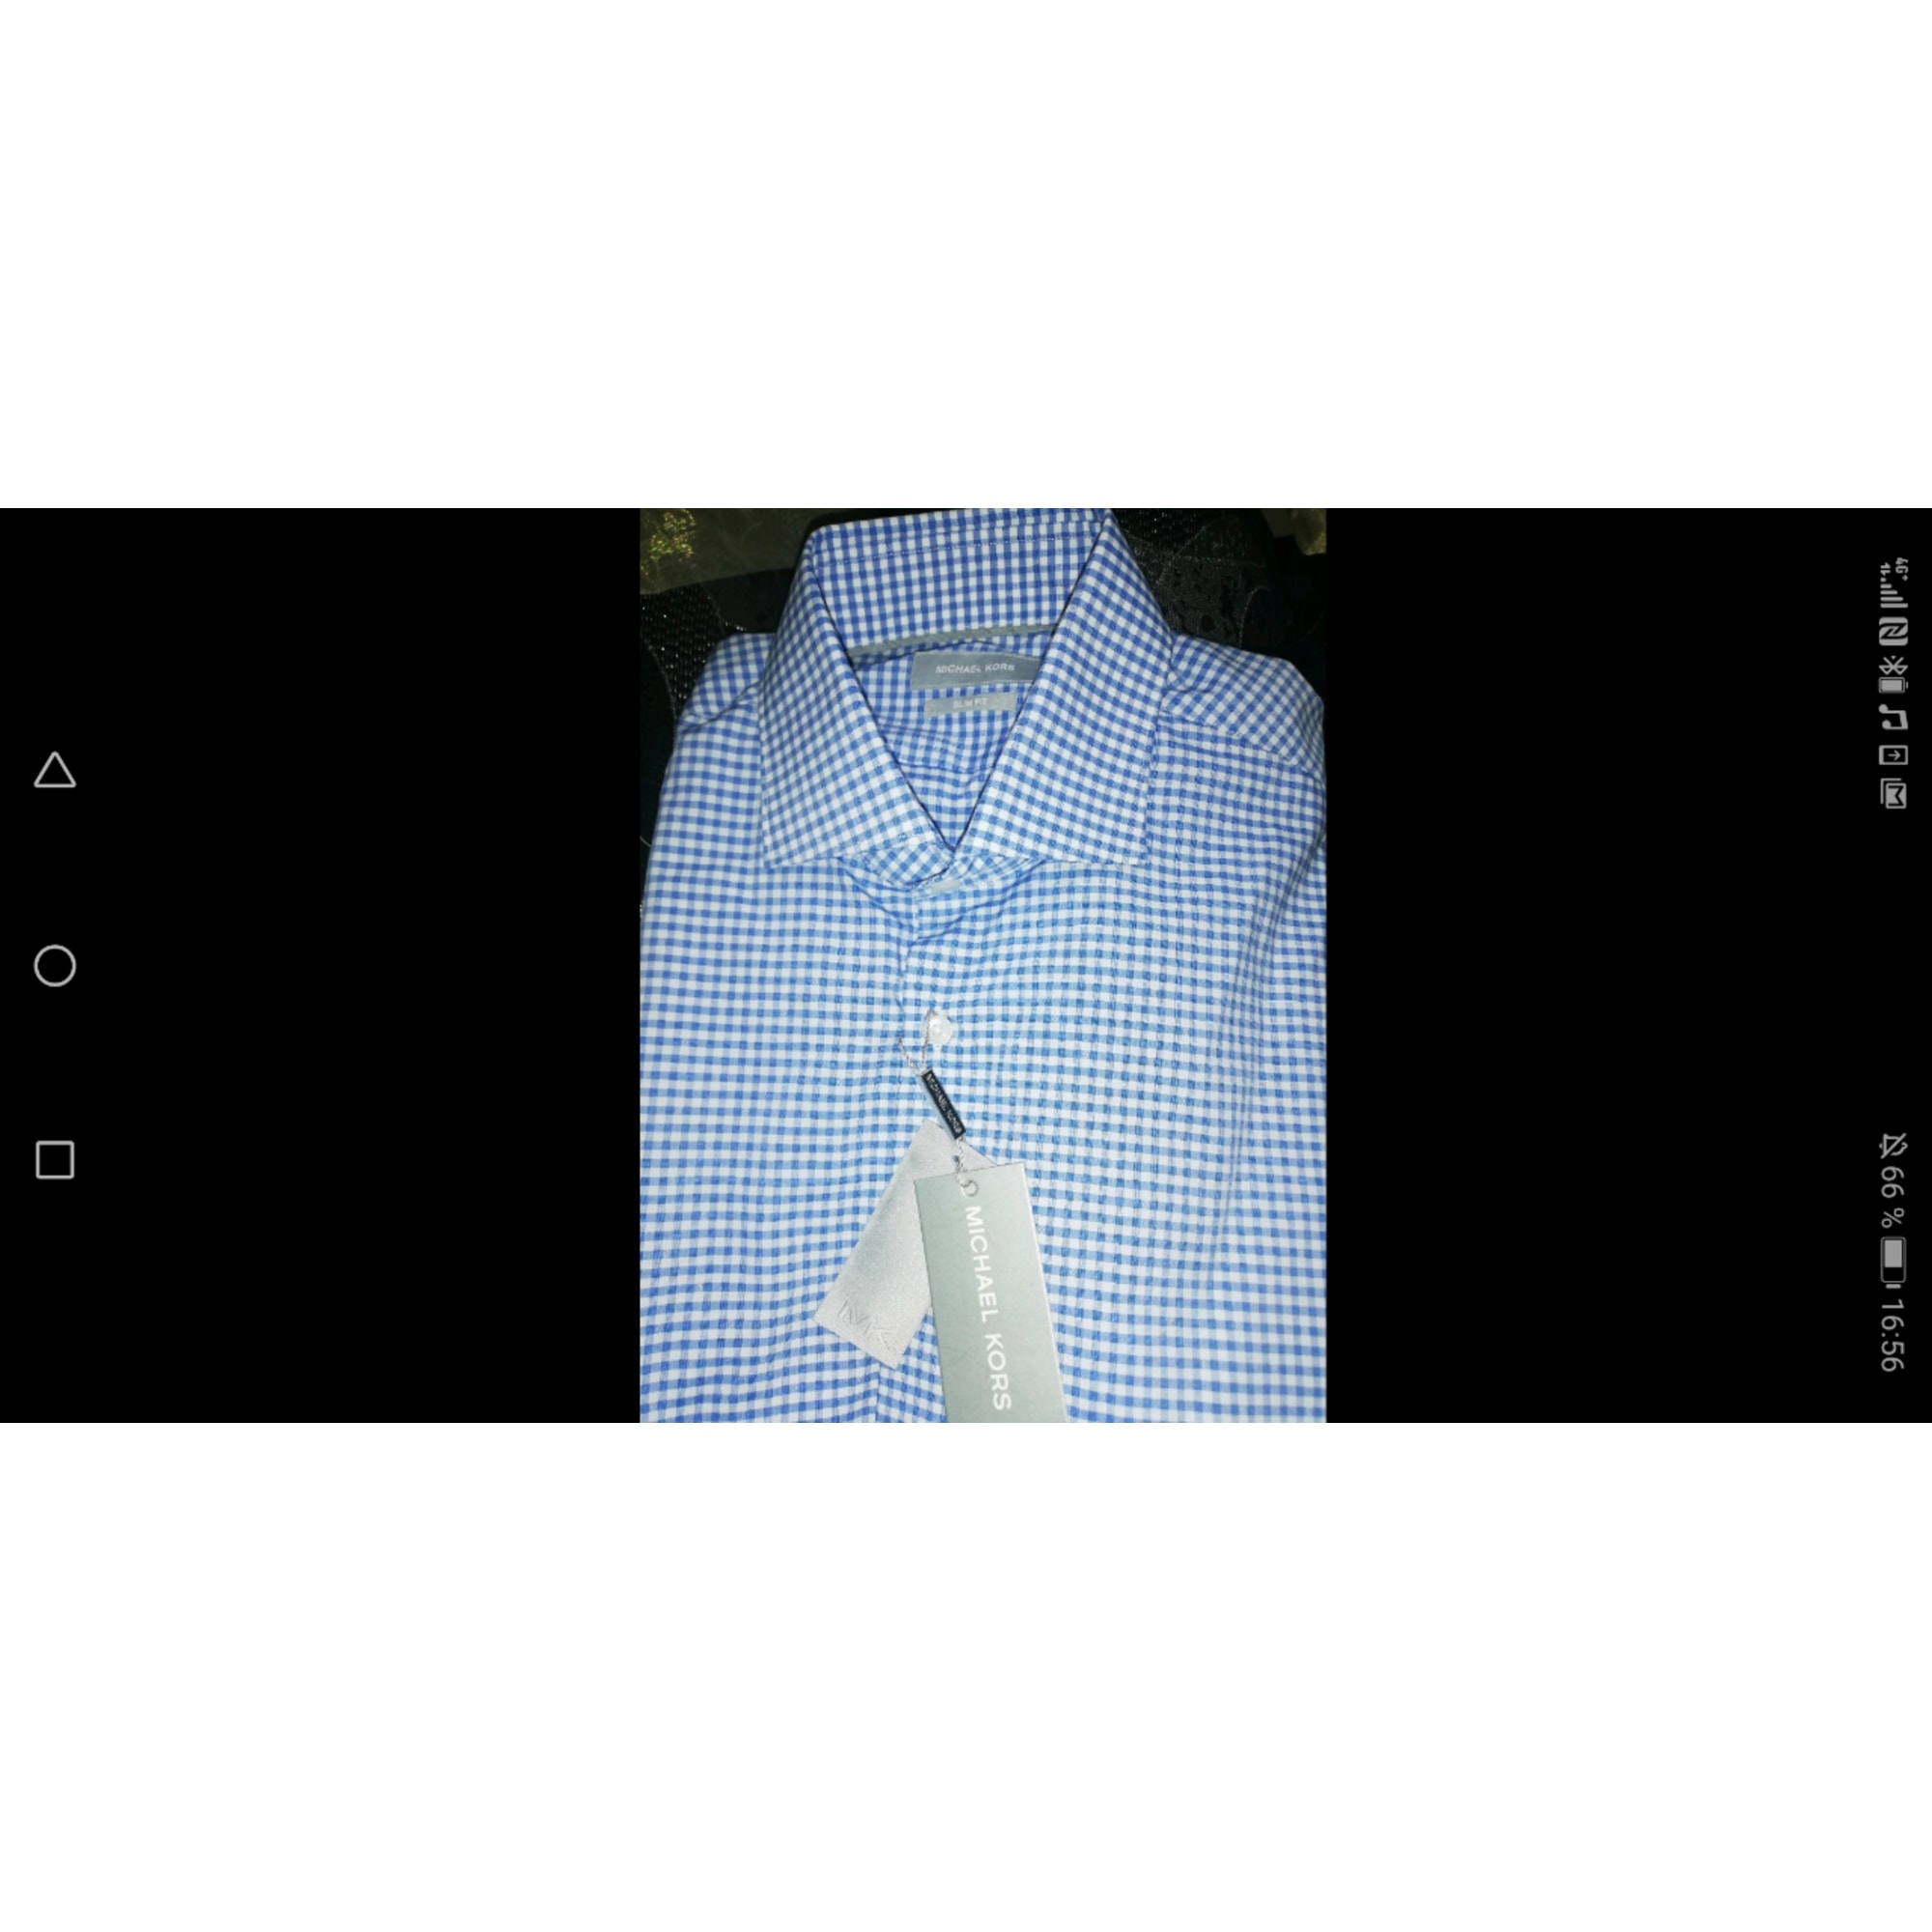 Chemise MICHAEL KORS Bleu, bleu marine, bleu turquoise